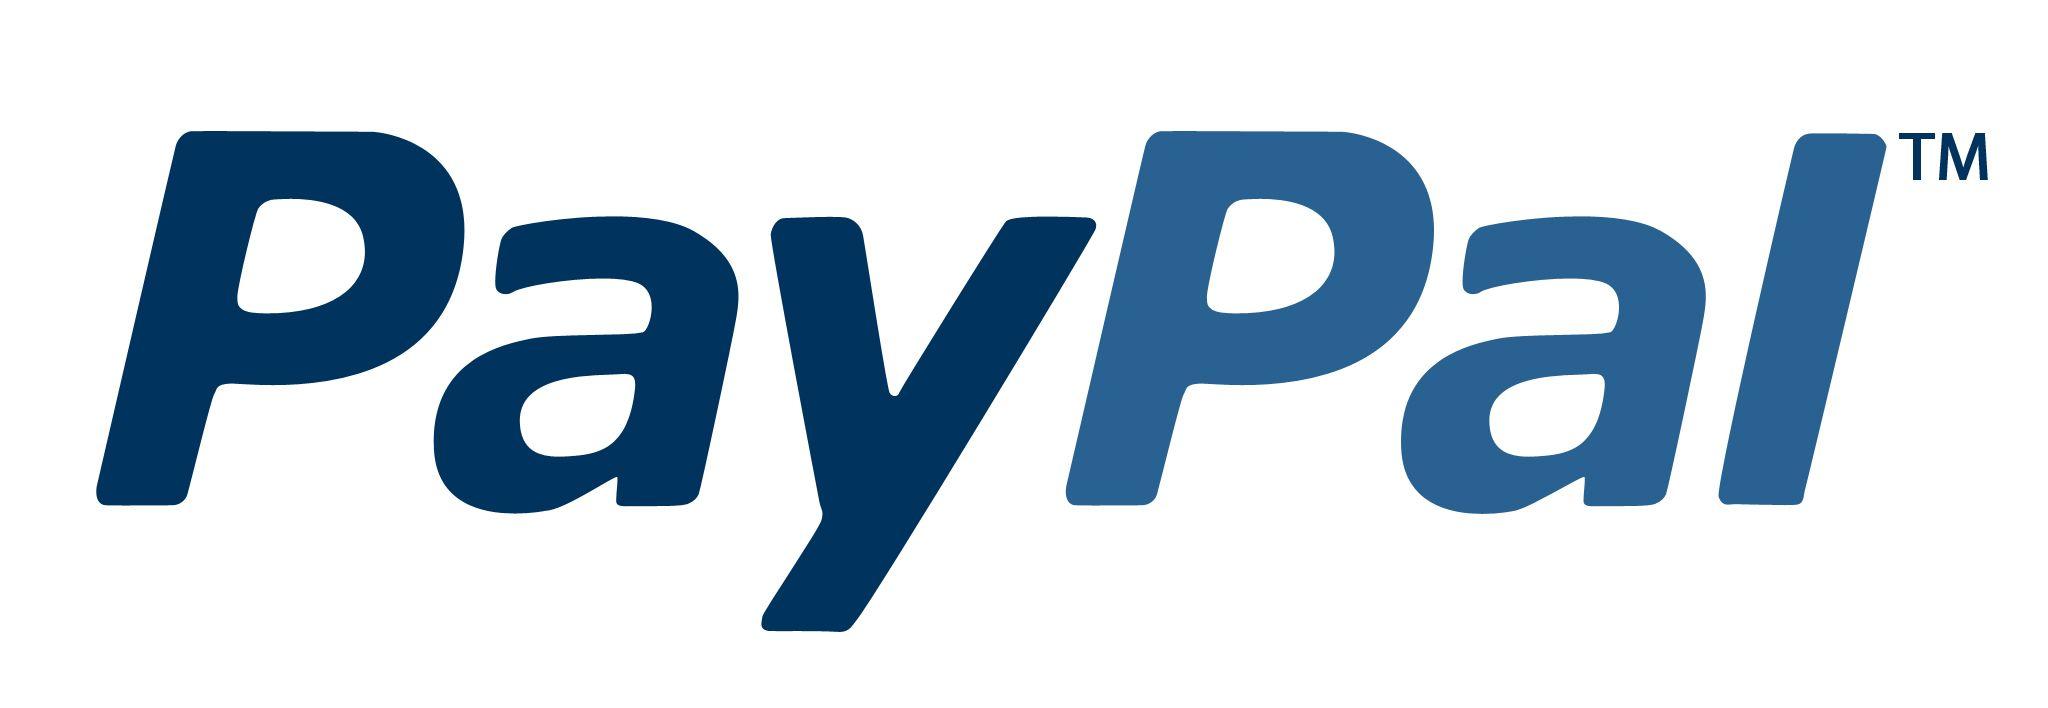 Attention, une arnaque circule actuellement sur PayPal